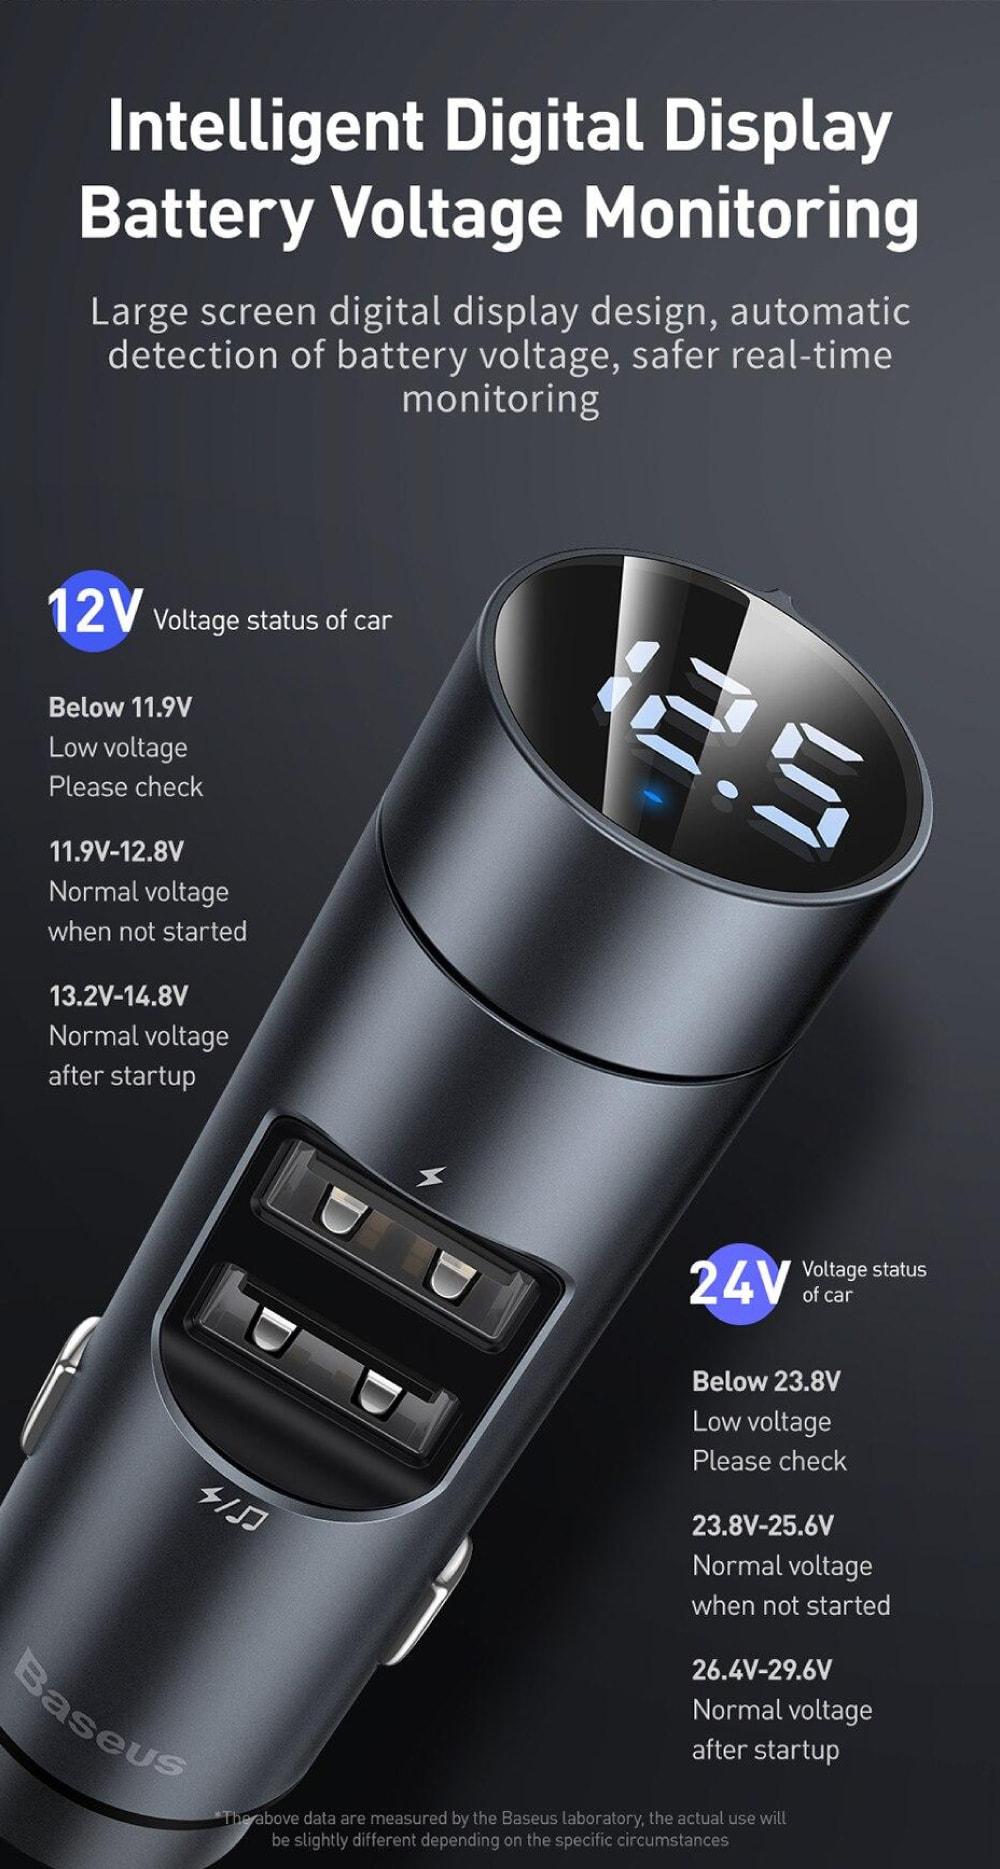 Автомобильное зарядное устройство с FM-модулятором Baseus Energy Column Car  Wireless MP3 Charger (Wireless 5.0+5V/3.1A) Dark grey (CCNLZ-0G) купить  Киев, Одесса, Днепр, Харьков, Львов | Touch-it.com.ua